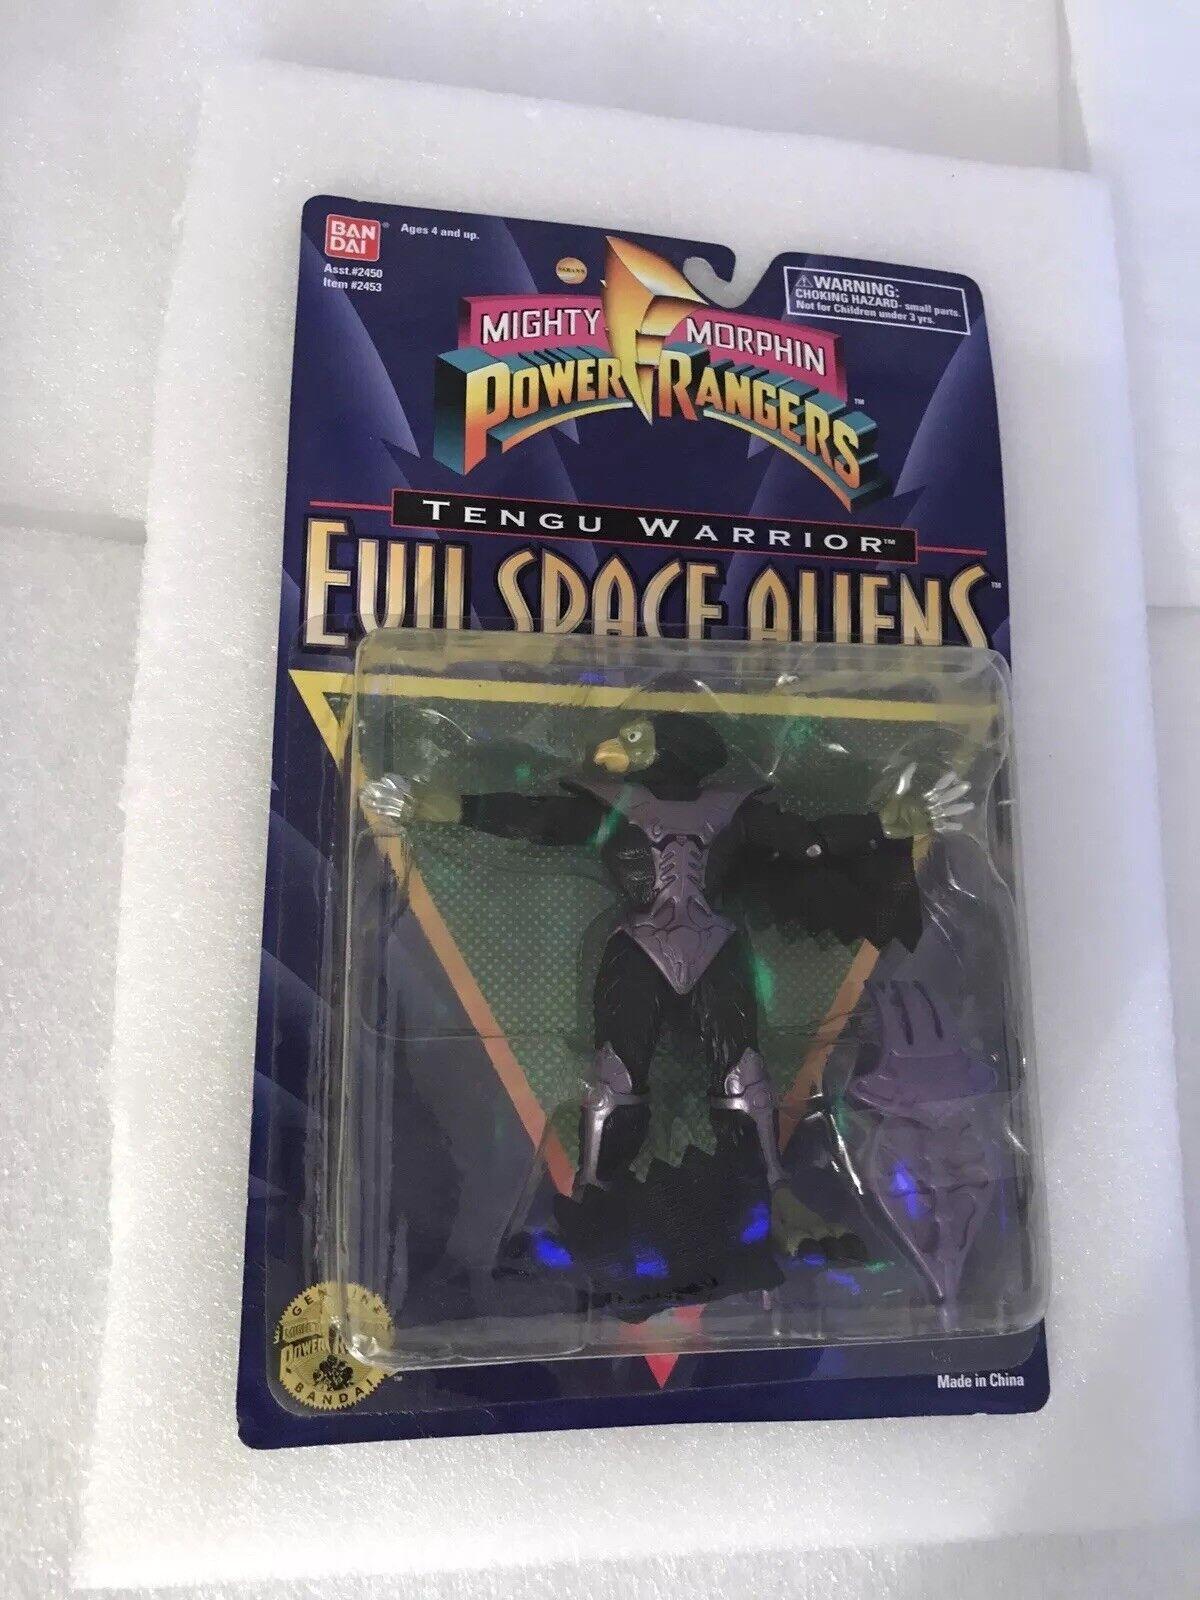 El poderoso moffin Ranger, el malvado astronauta, el Guerrero skyperro, 1995.